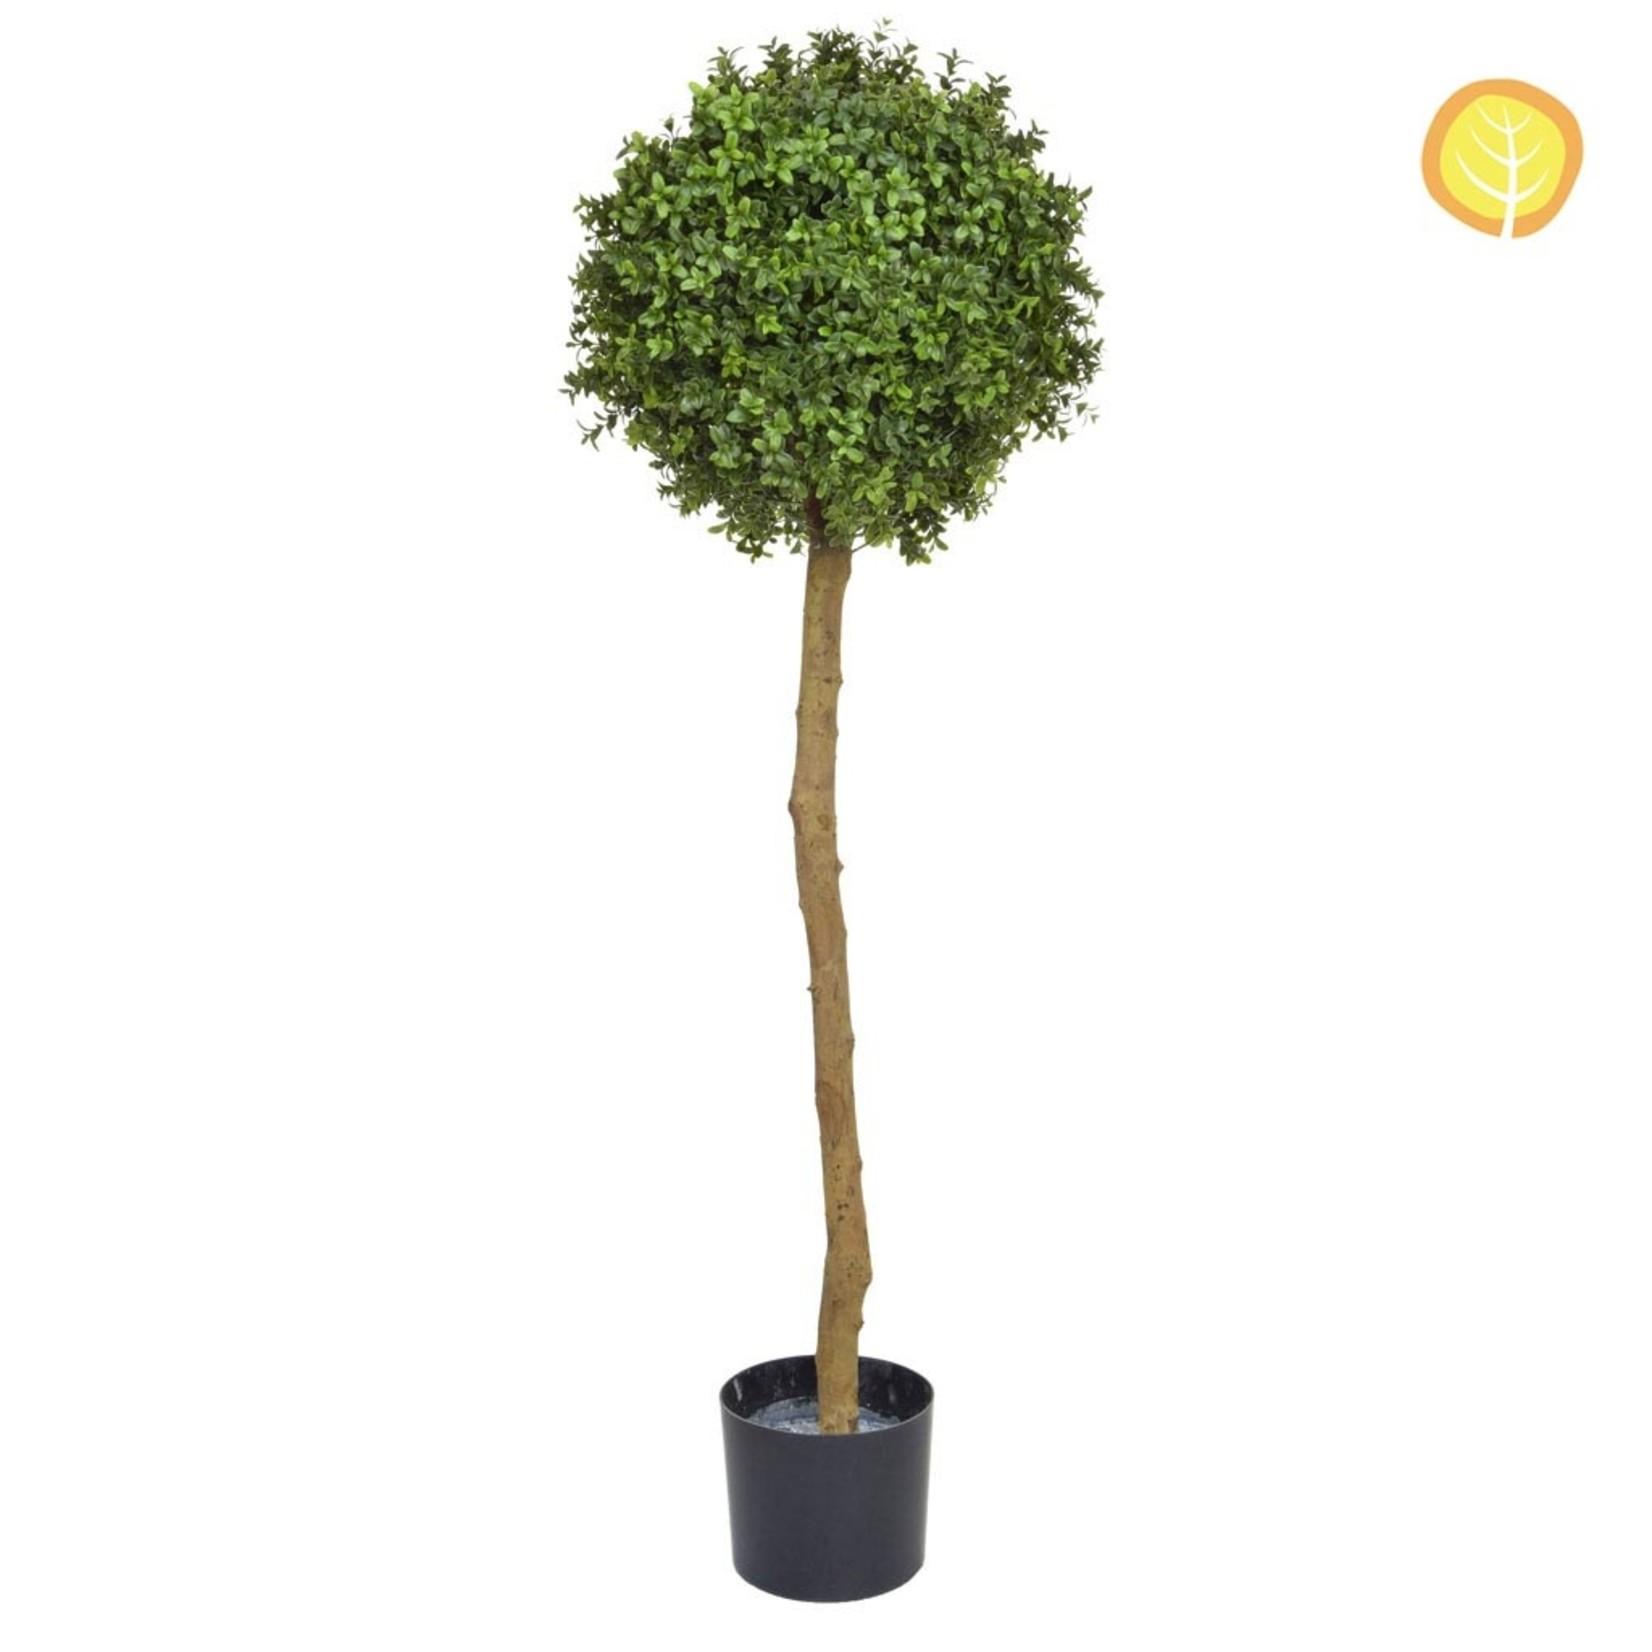 Topiary Buxus Ball Tree PR 120cm  - UV Resistant